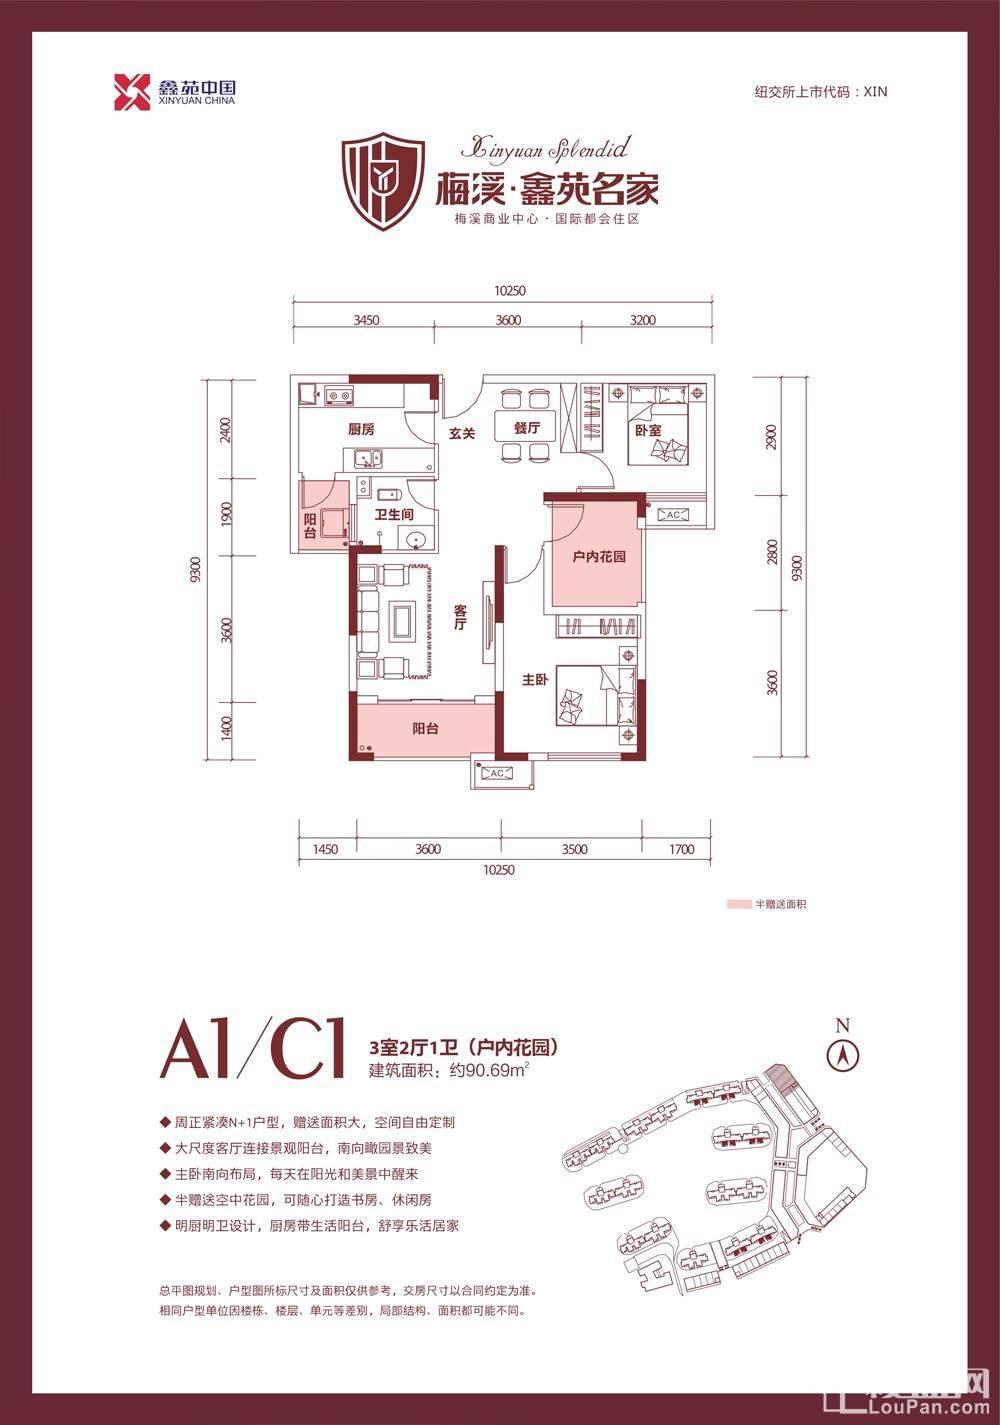 梅溪鑫苑名家A1/C1